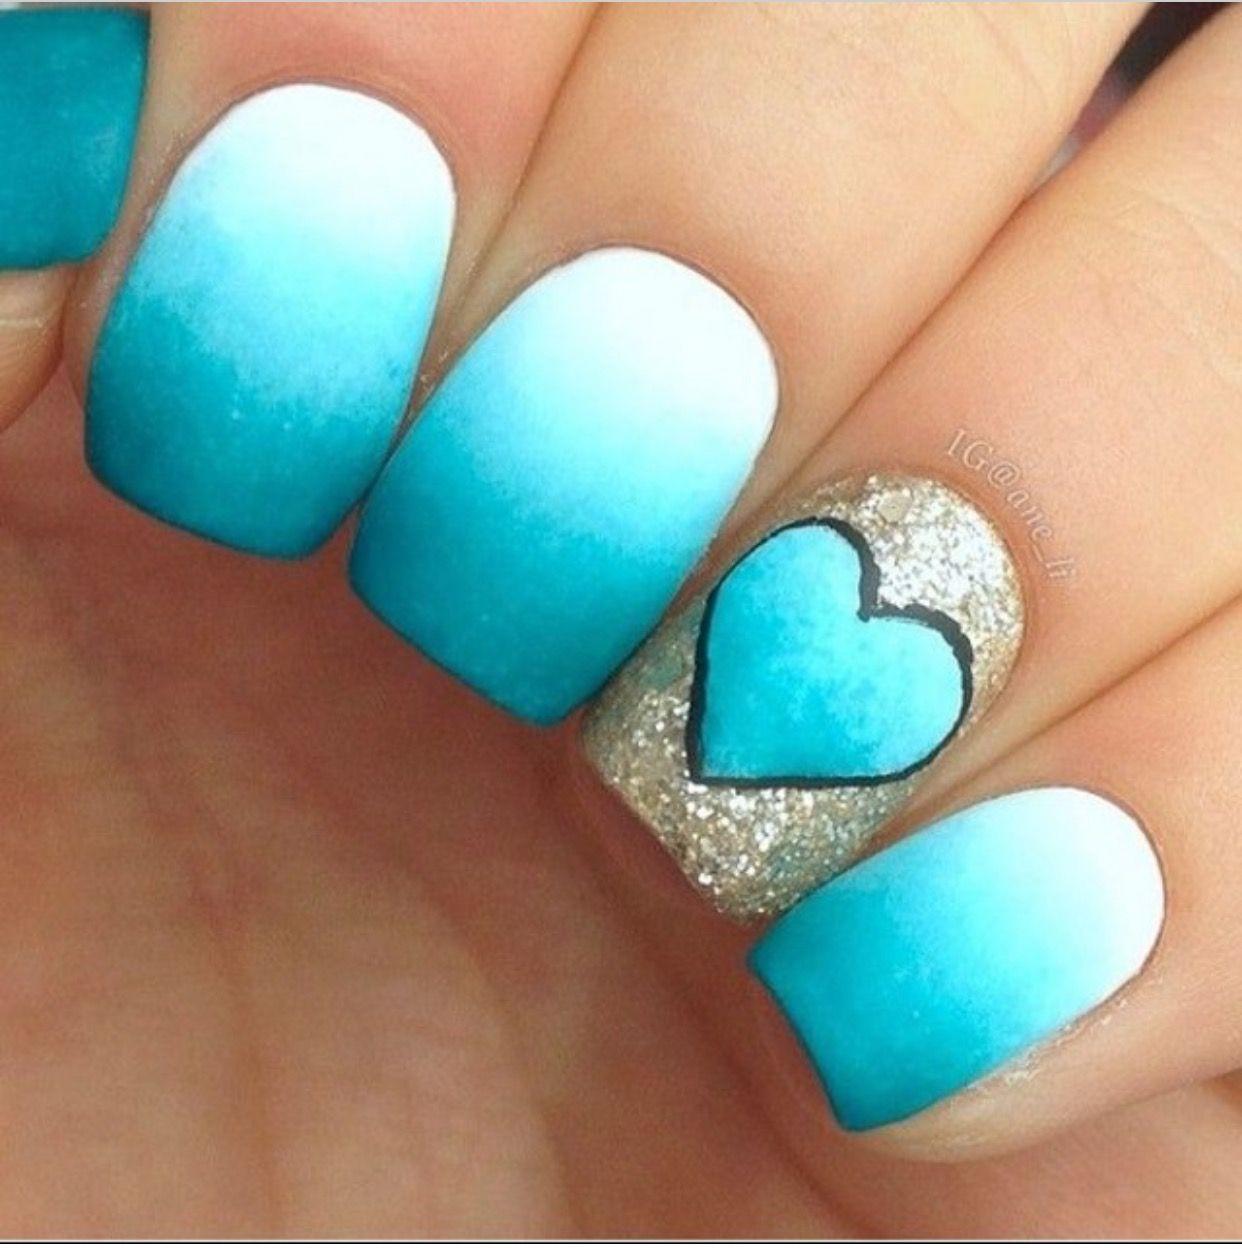 Pin von Yendi Missj auf Your nails are cute ❤ | Pinterest ...